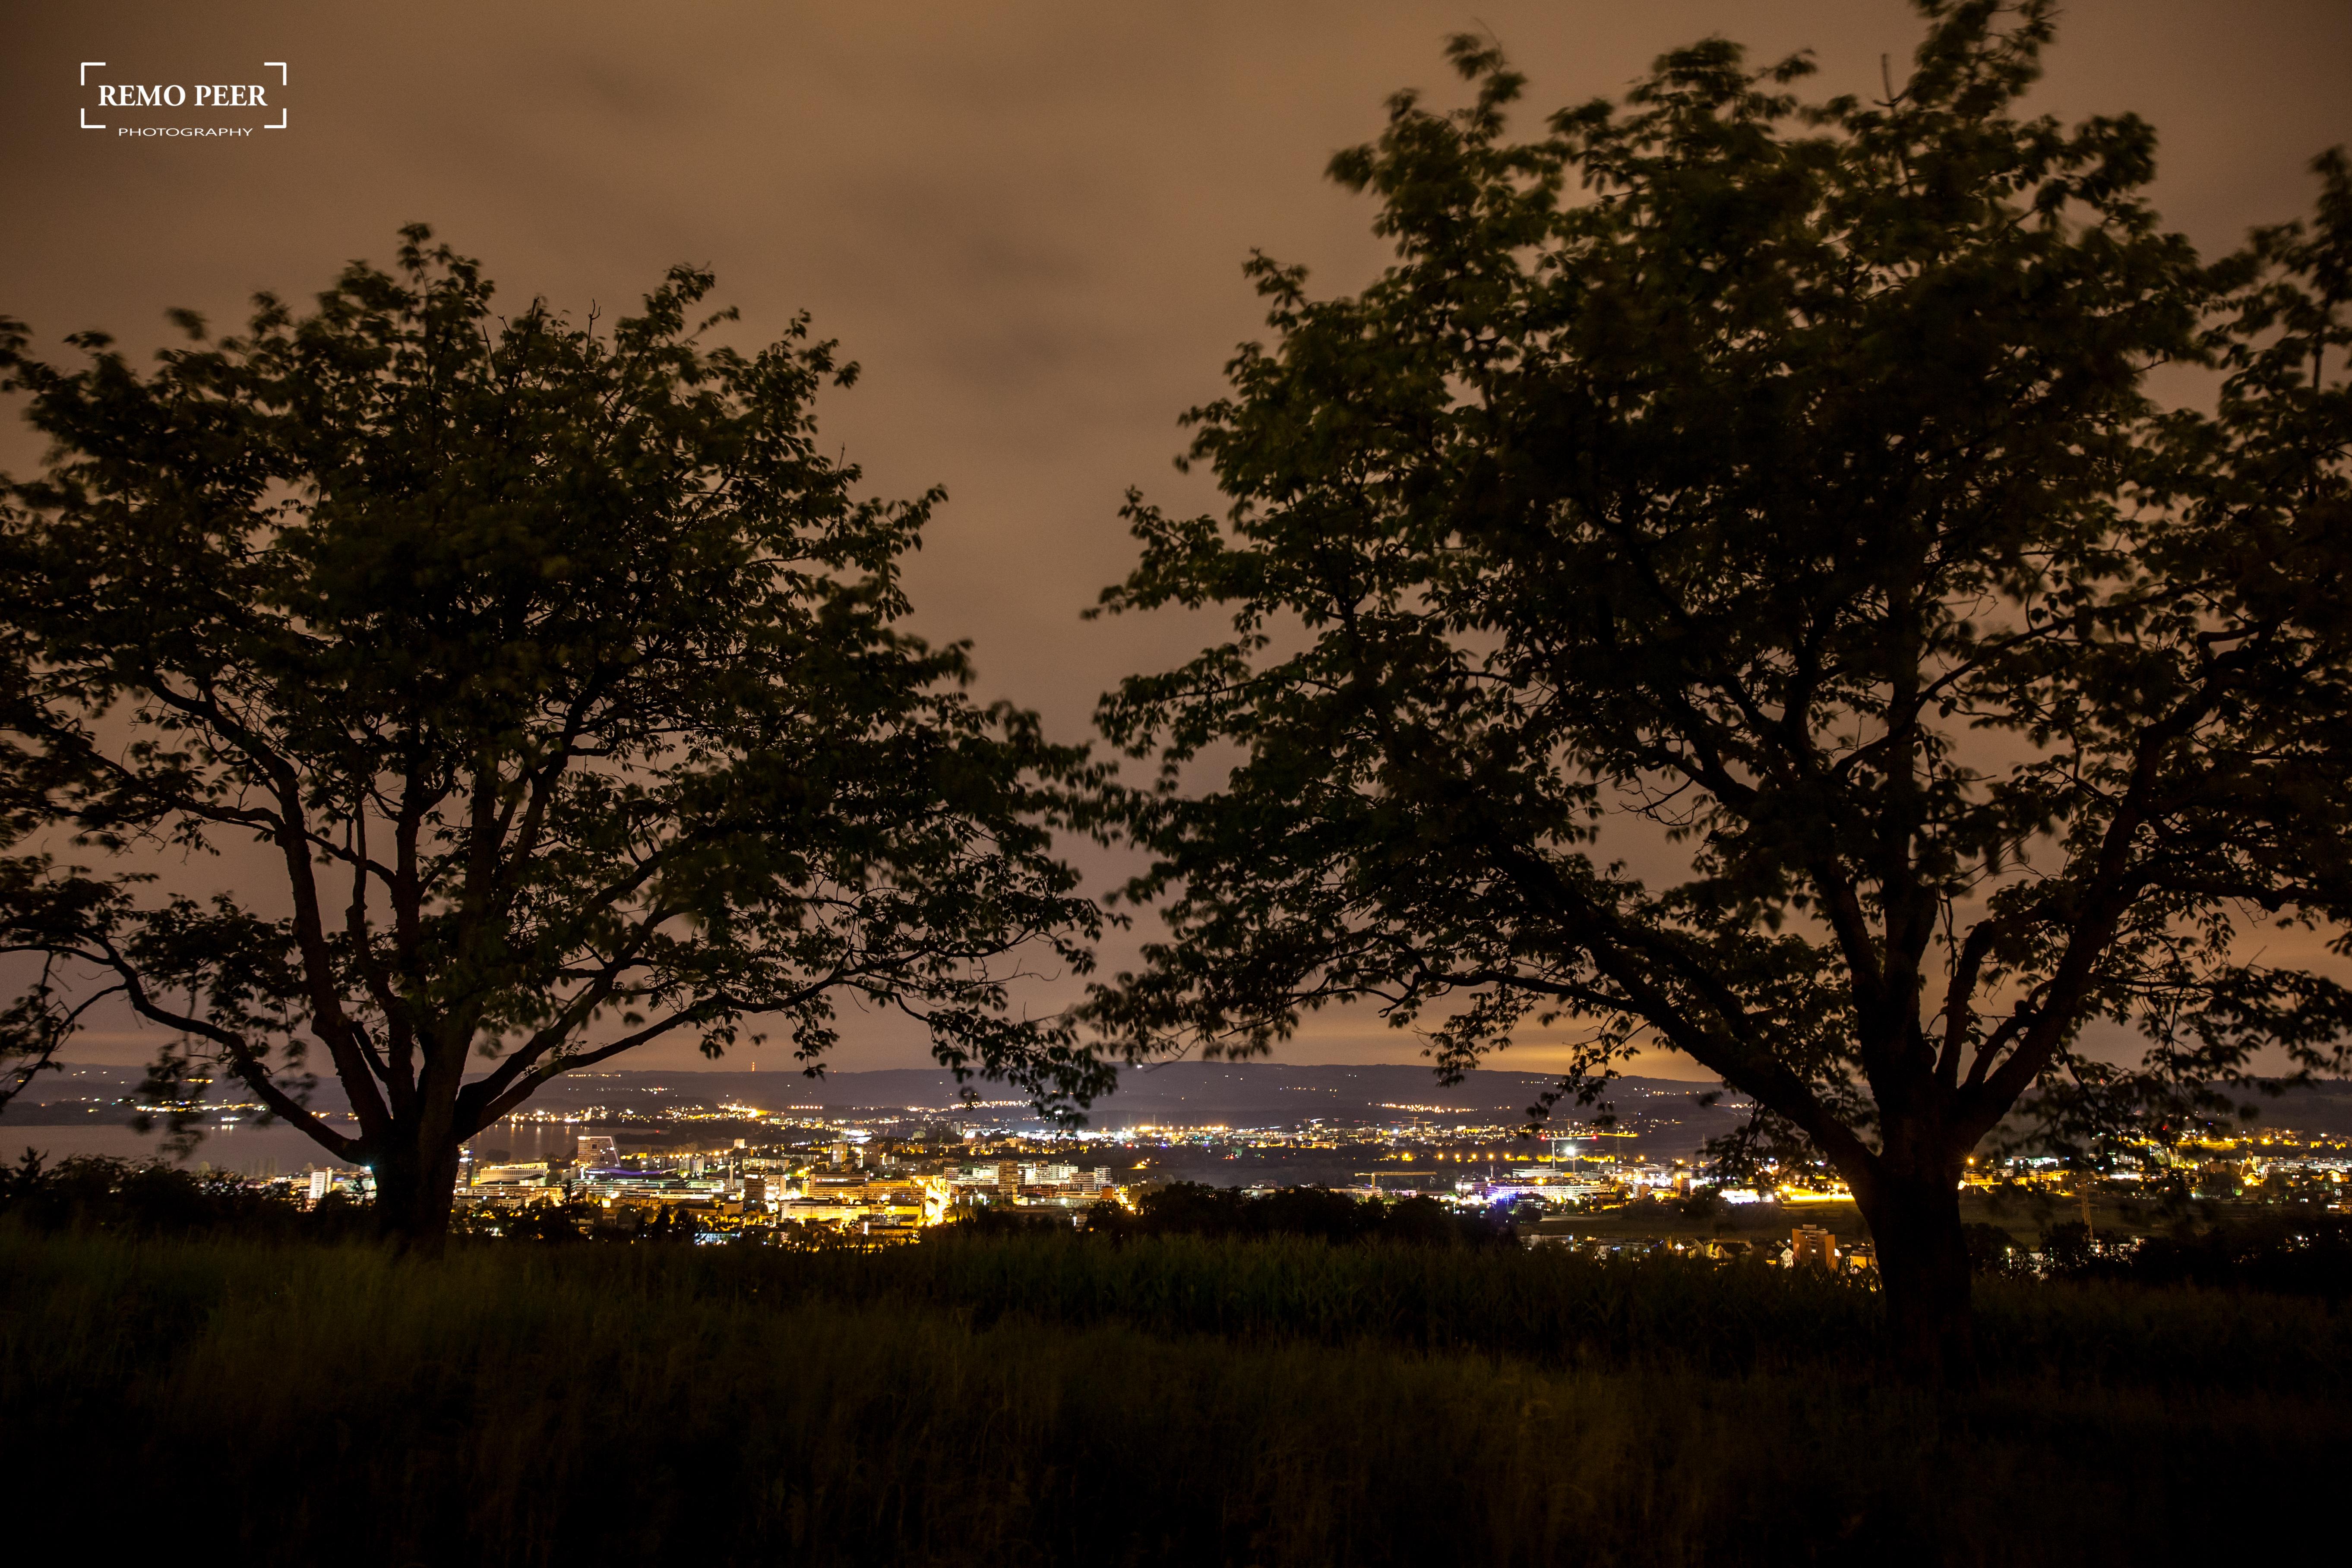 Stadt Zug bei Nacht, auf der Heimfahrt morgens um 02:00 Uhr